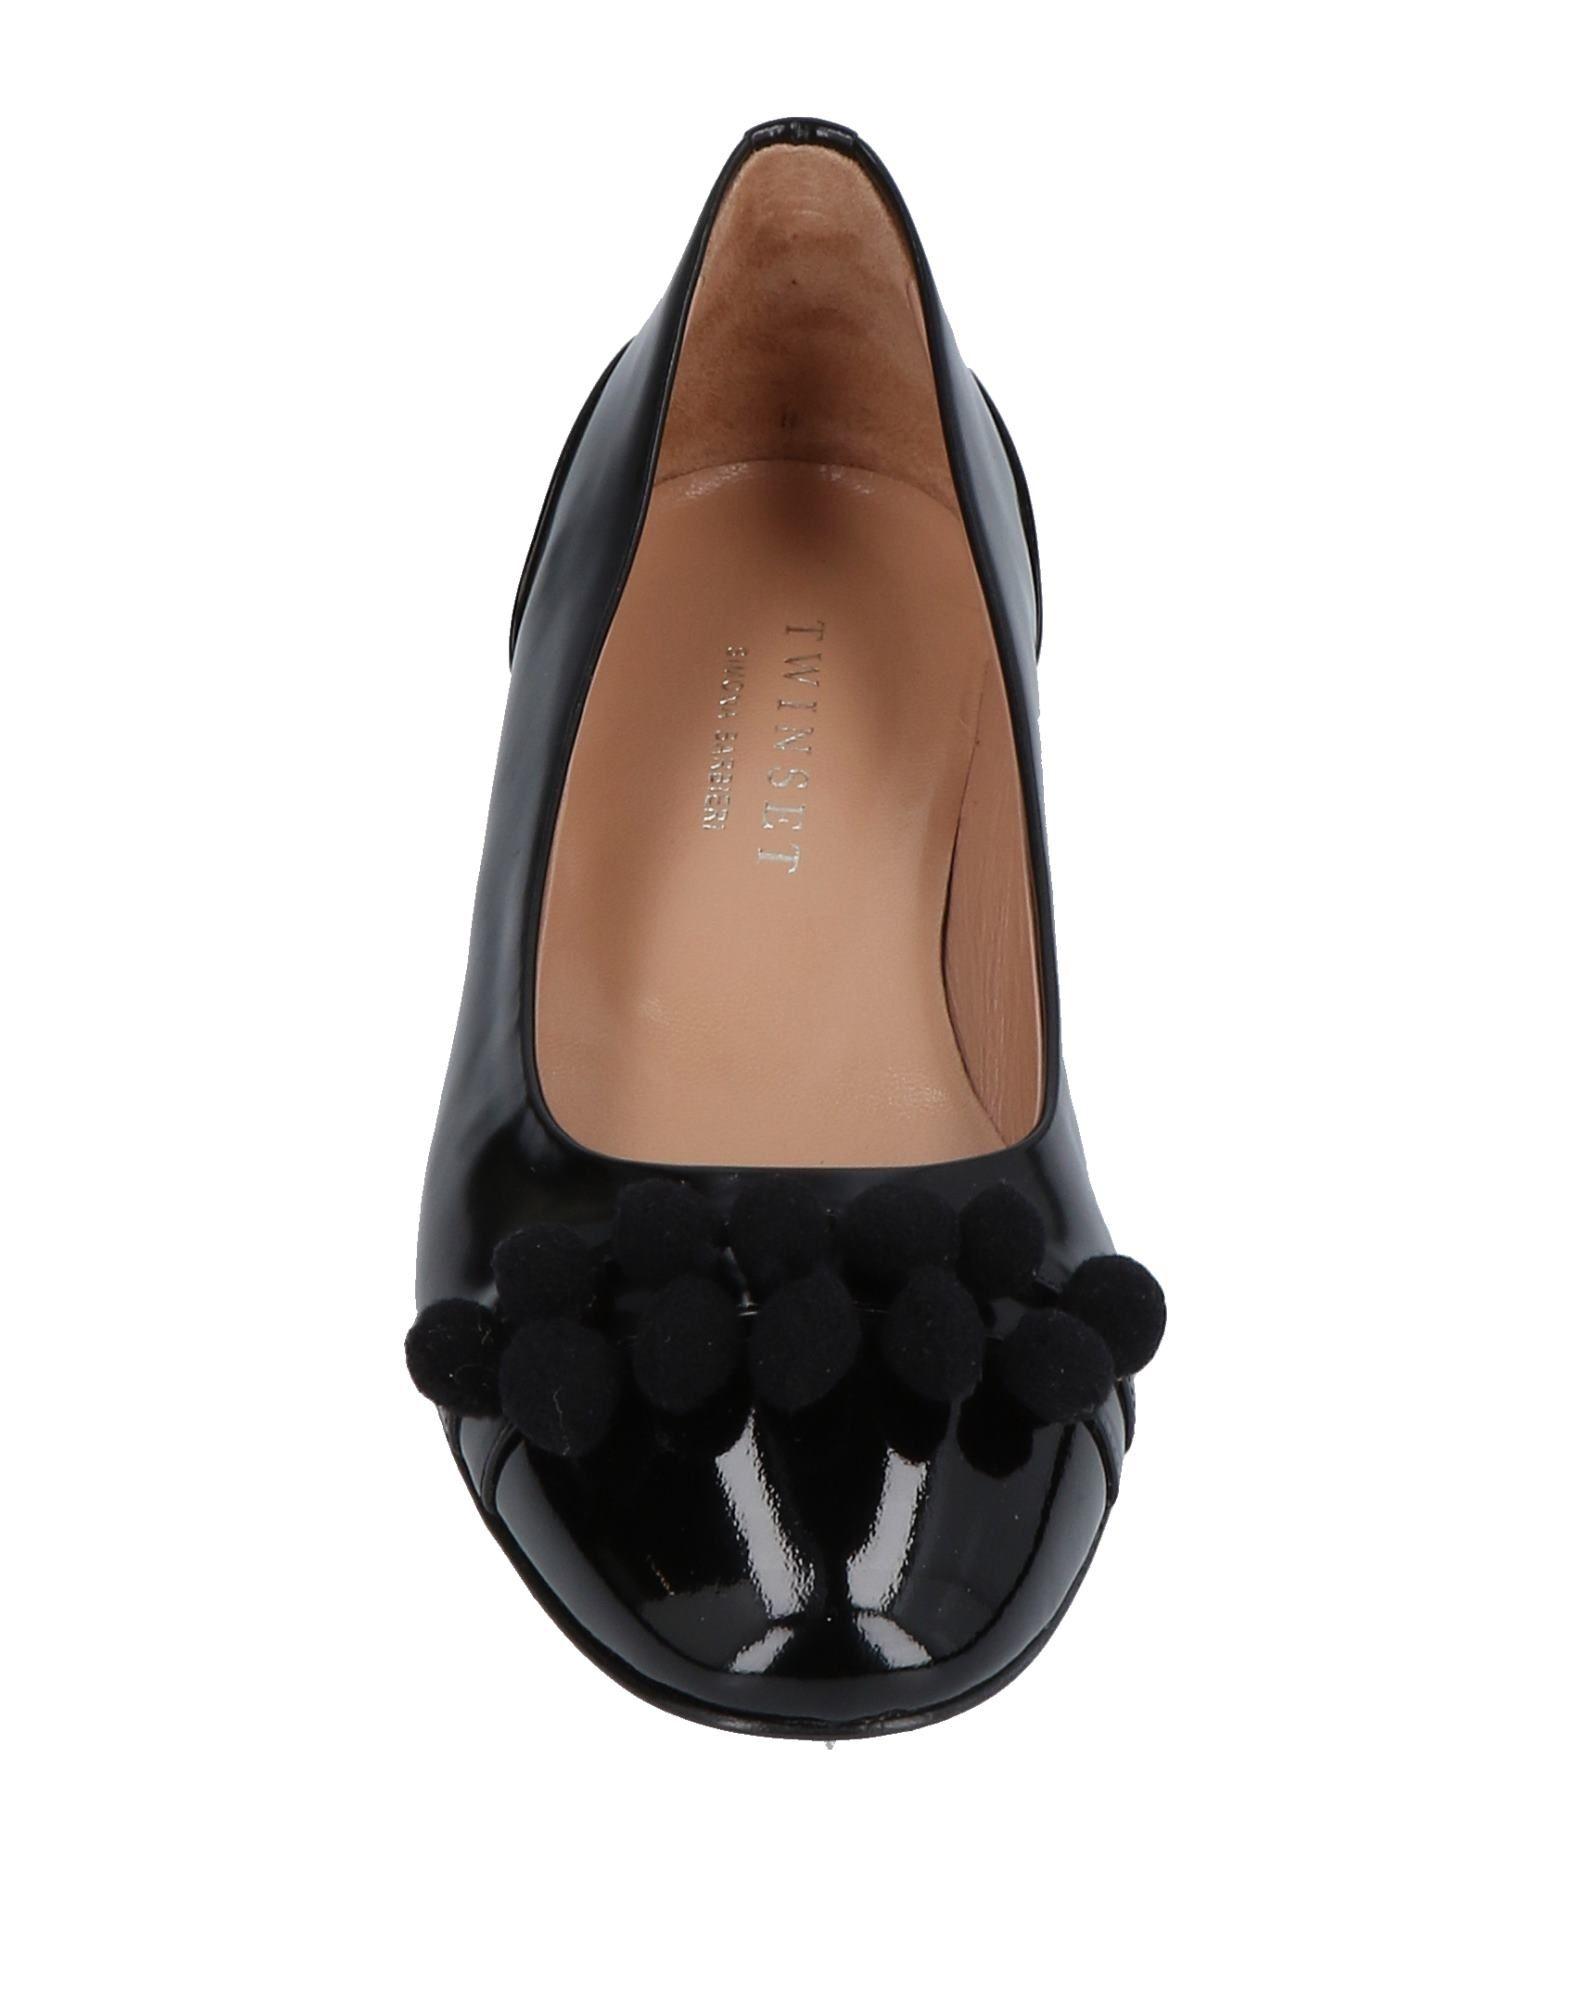 Twin-Set Simona Barbieri Ballet Flats - Ballet Women Twin-Set Simona Barbieri Ballet - Flats online on  United Kingdom - 11486623EJ 231af6